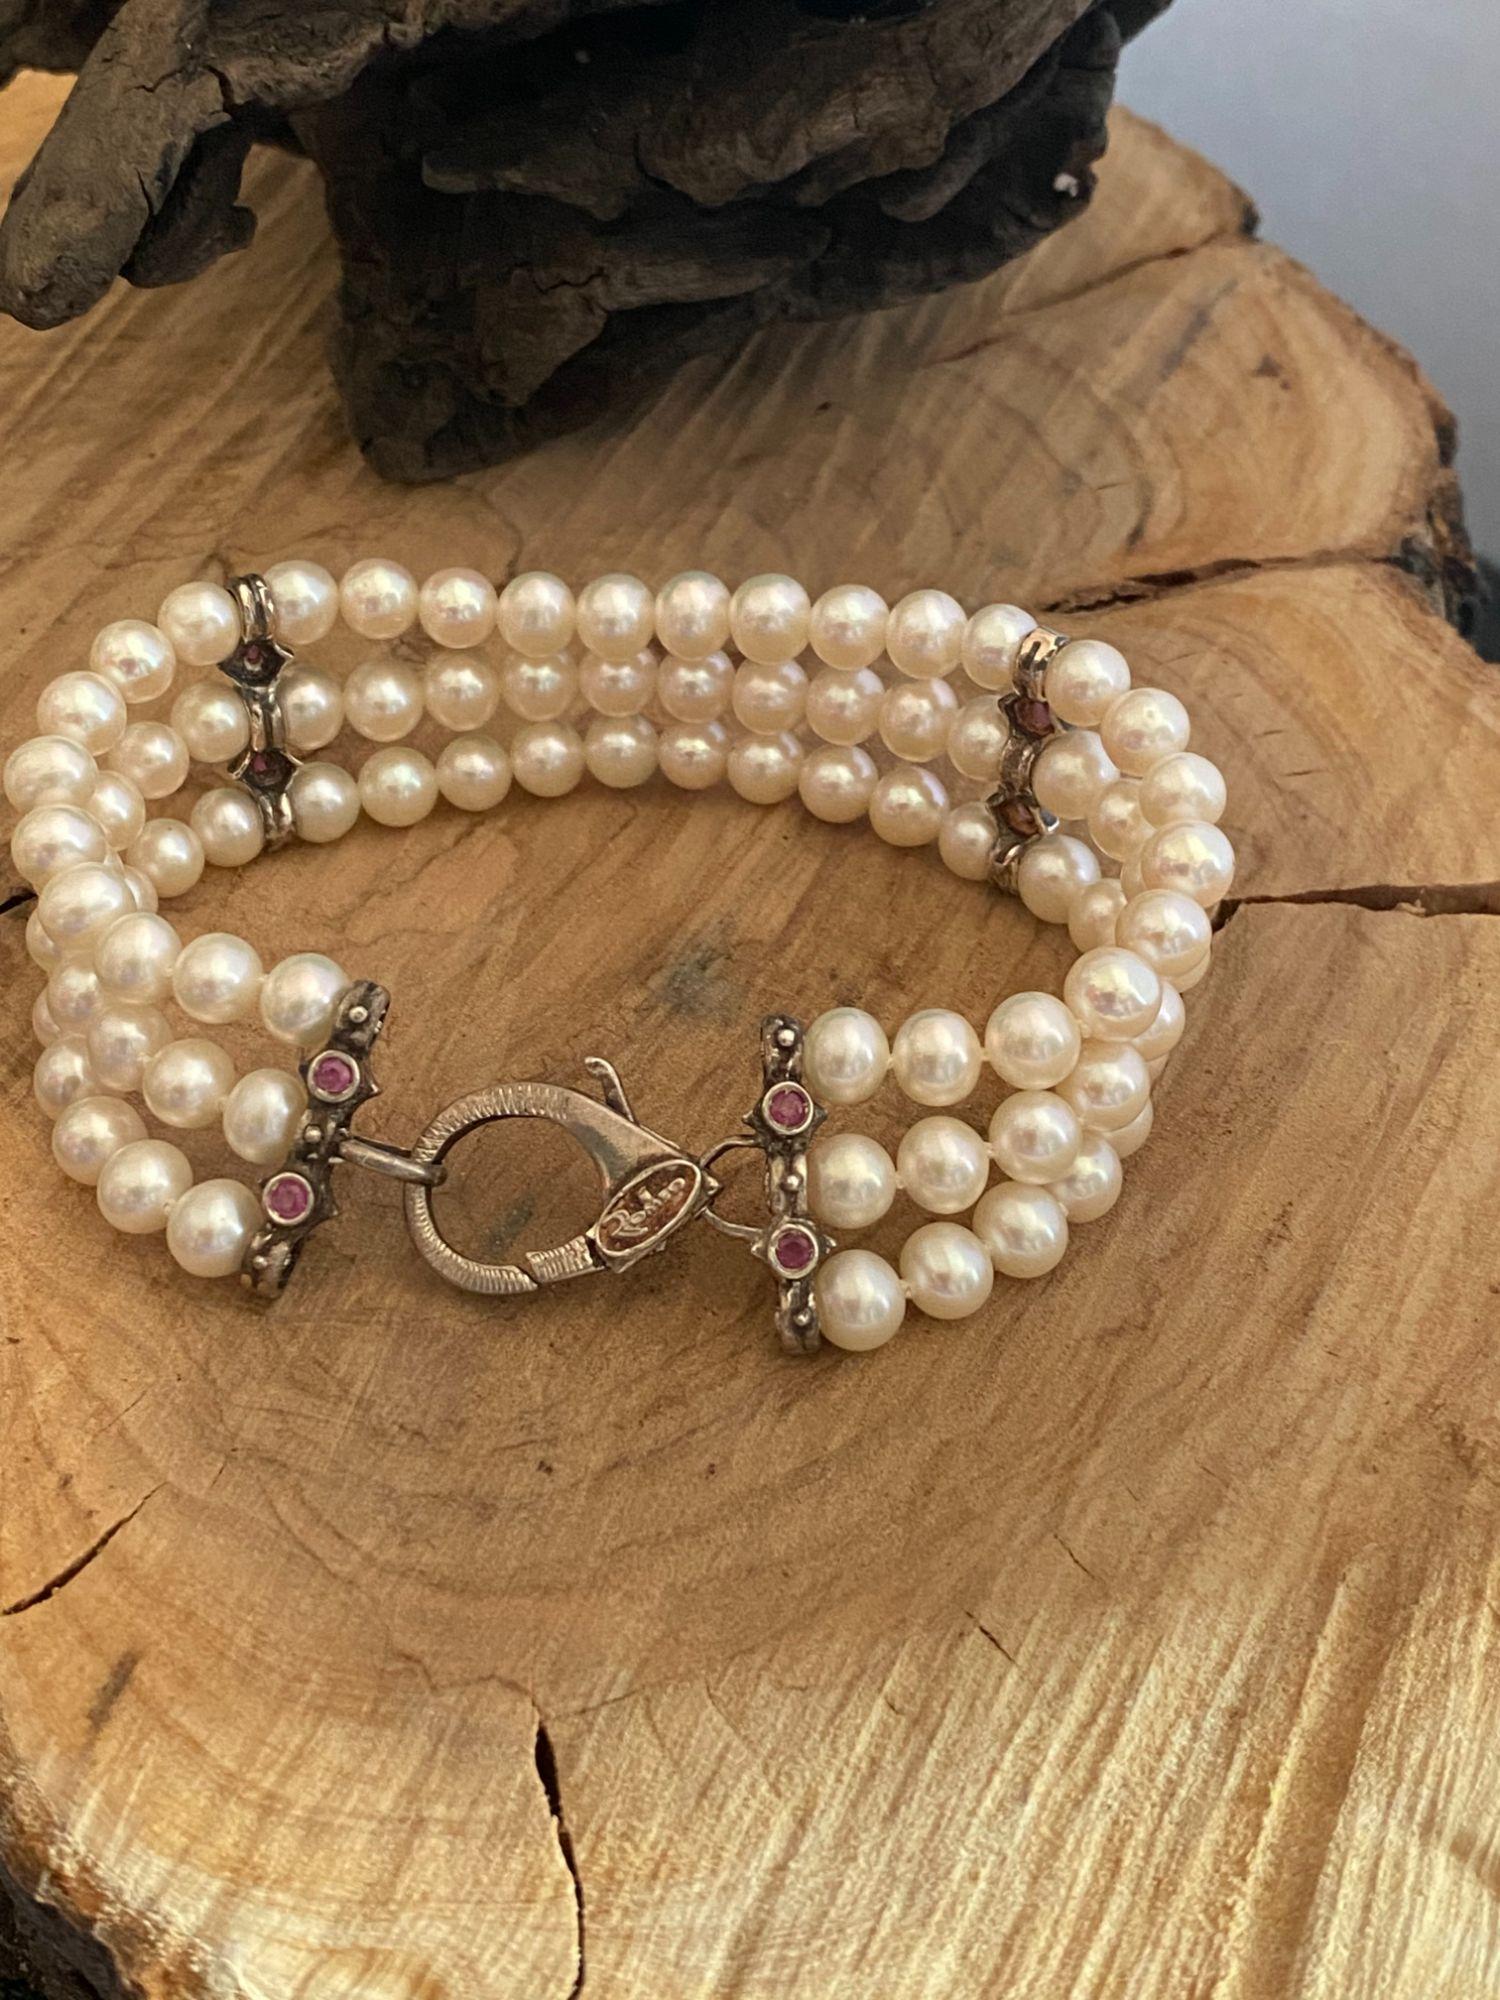 bracciale-romeo-alla-schiava-di-perle-argento-925-e-rubini-md-5147